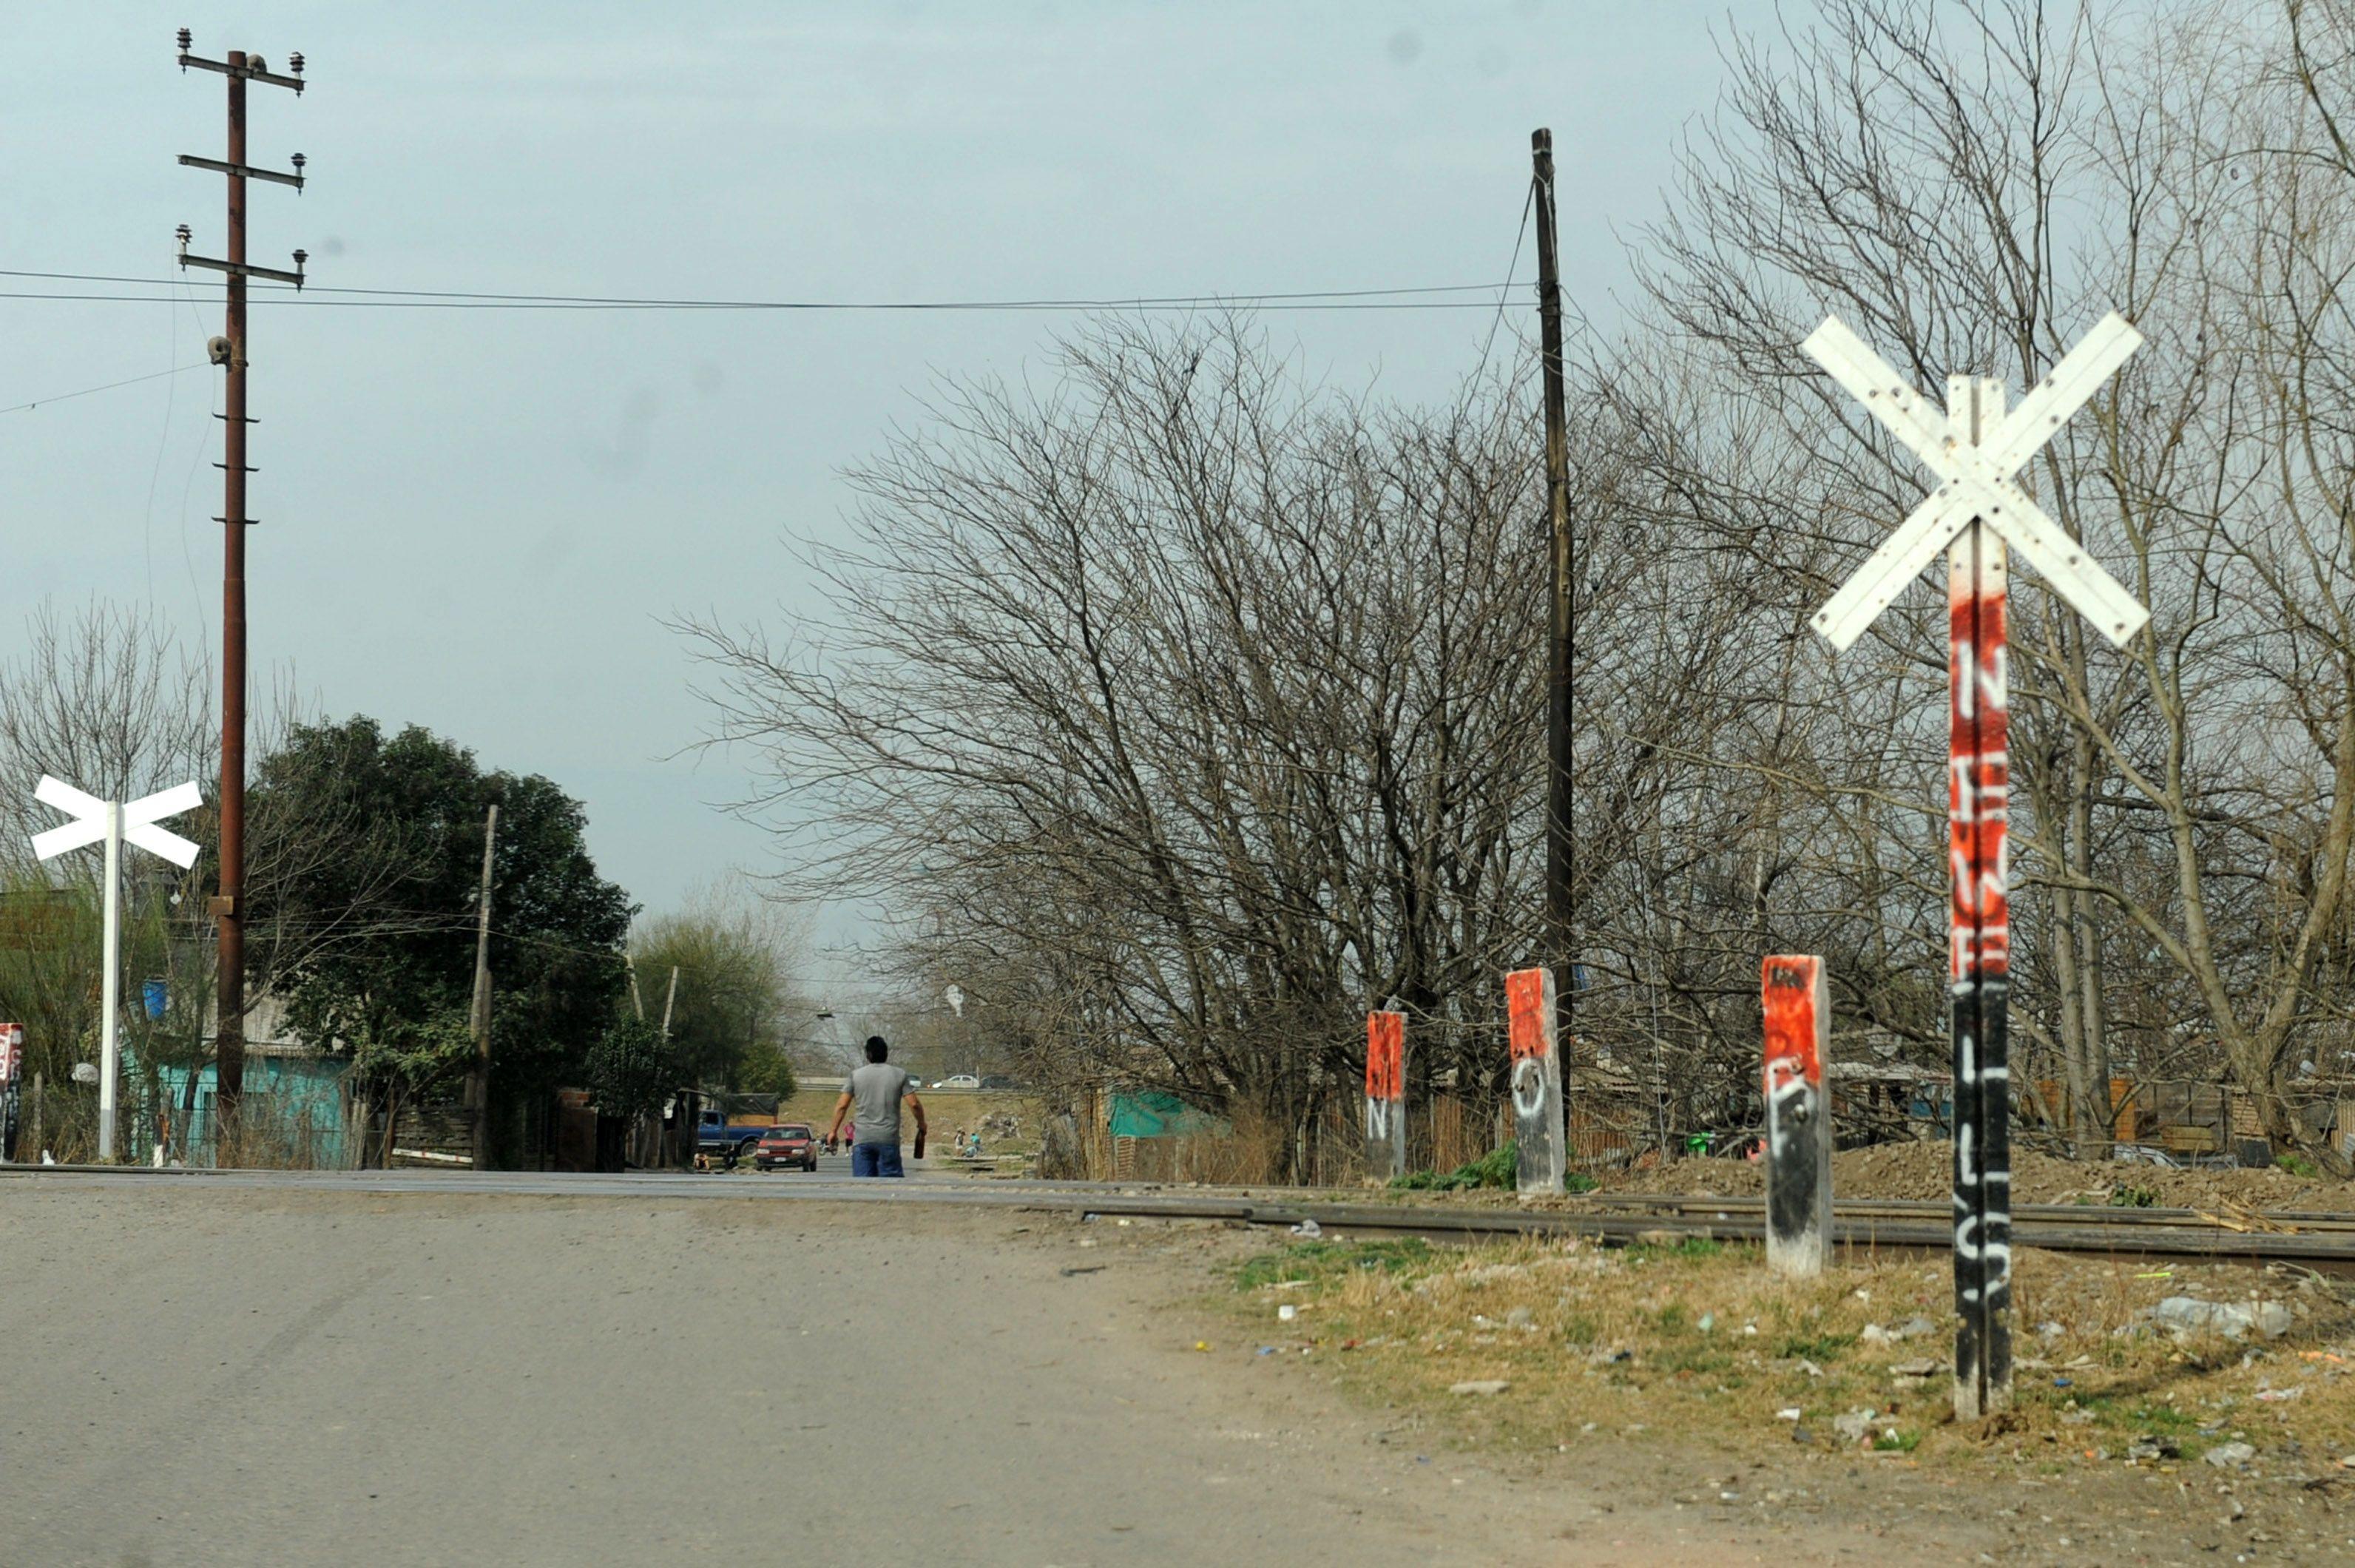 El cuerpo del adolescente fue encontrado en el cruce de Estudiante Aguilar y las vías del ferrocarril Mitre.(Foto: A.Celoria)